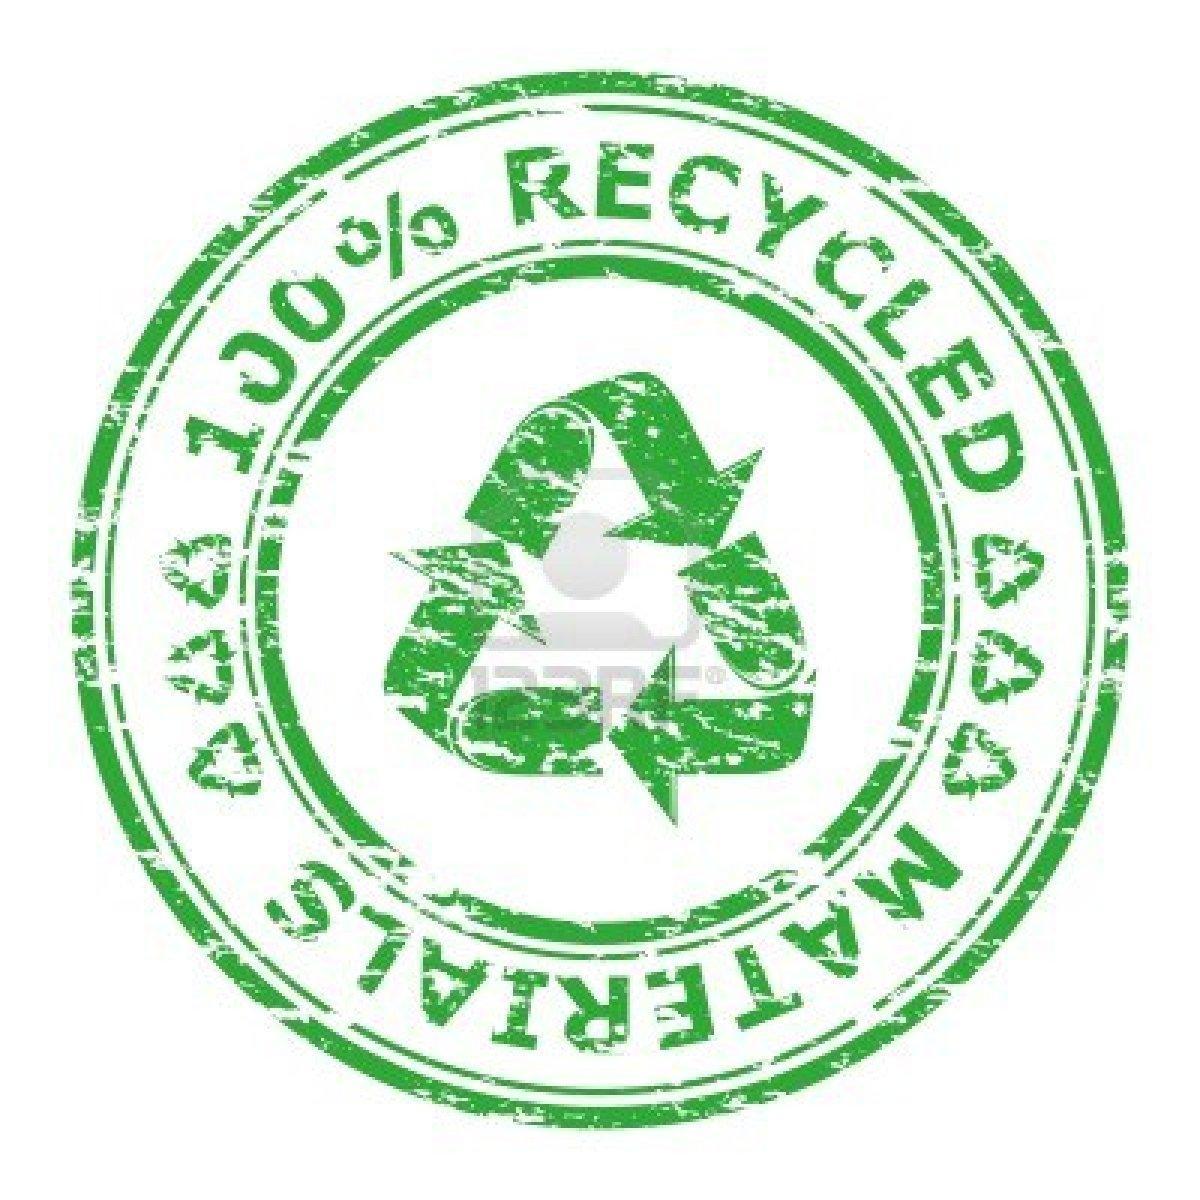 14085853-100-de-materiales-reciclados-sello-aislado-en-un-fondo-blanco